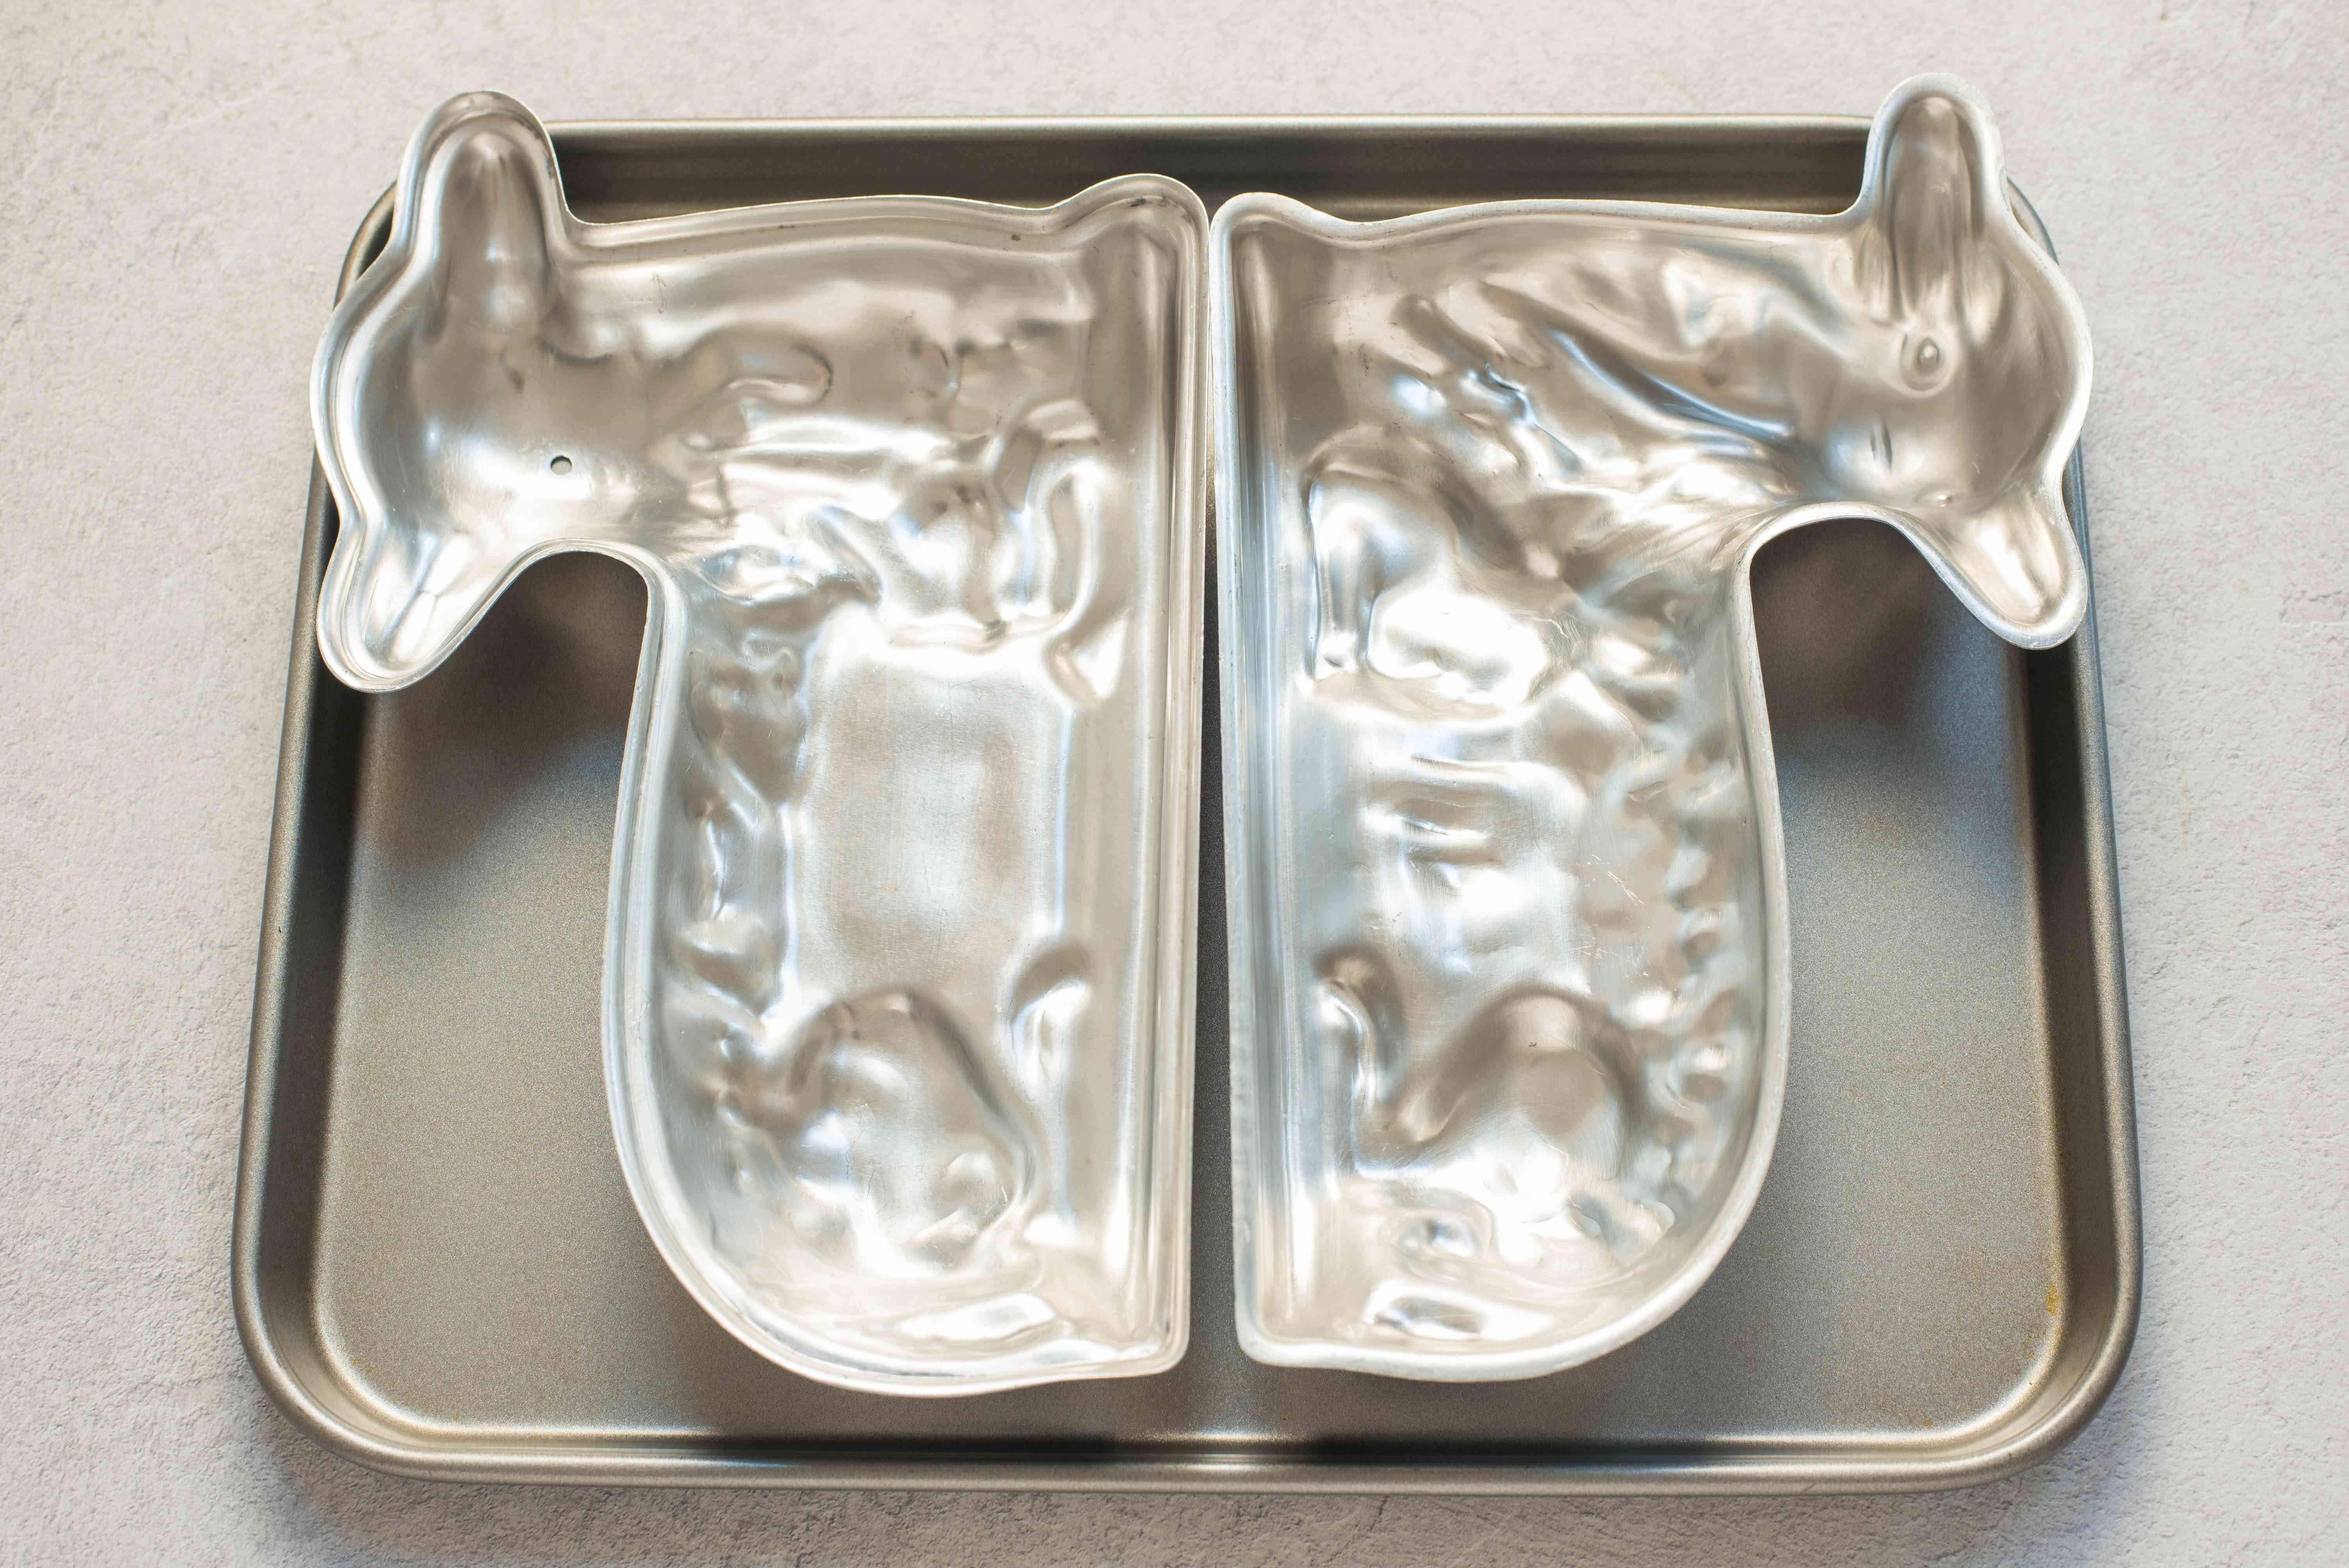 Lamb tins